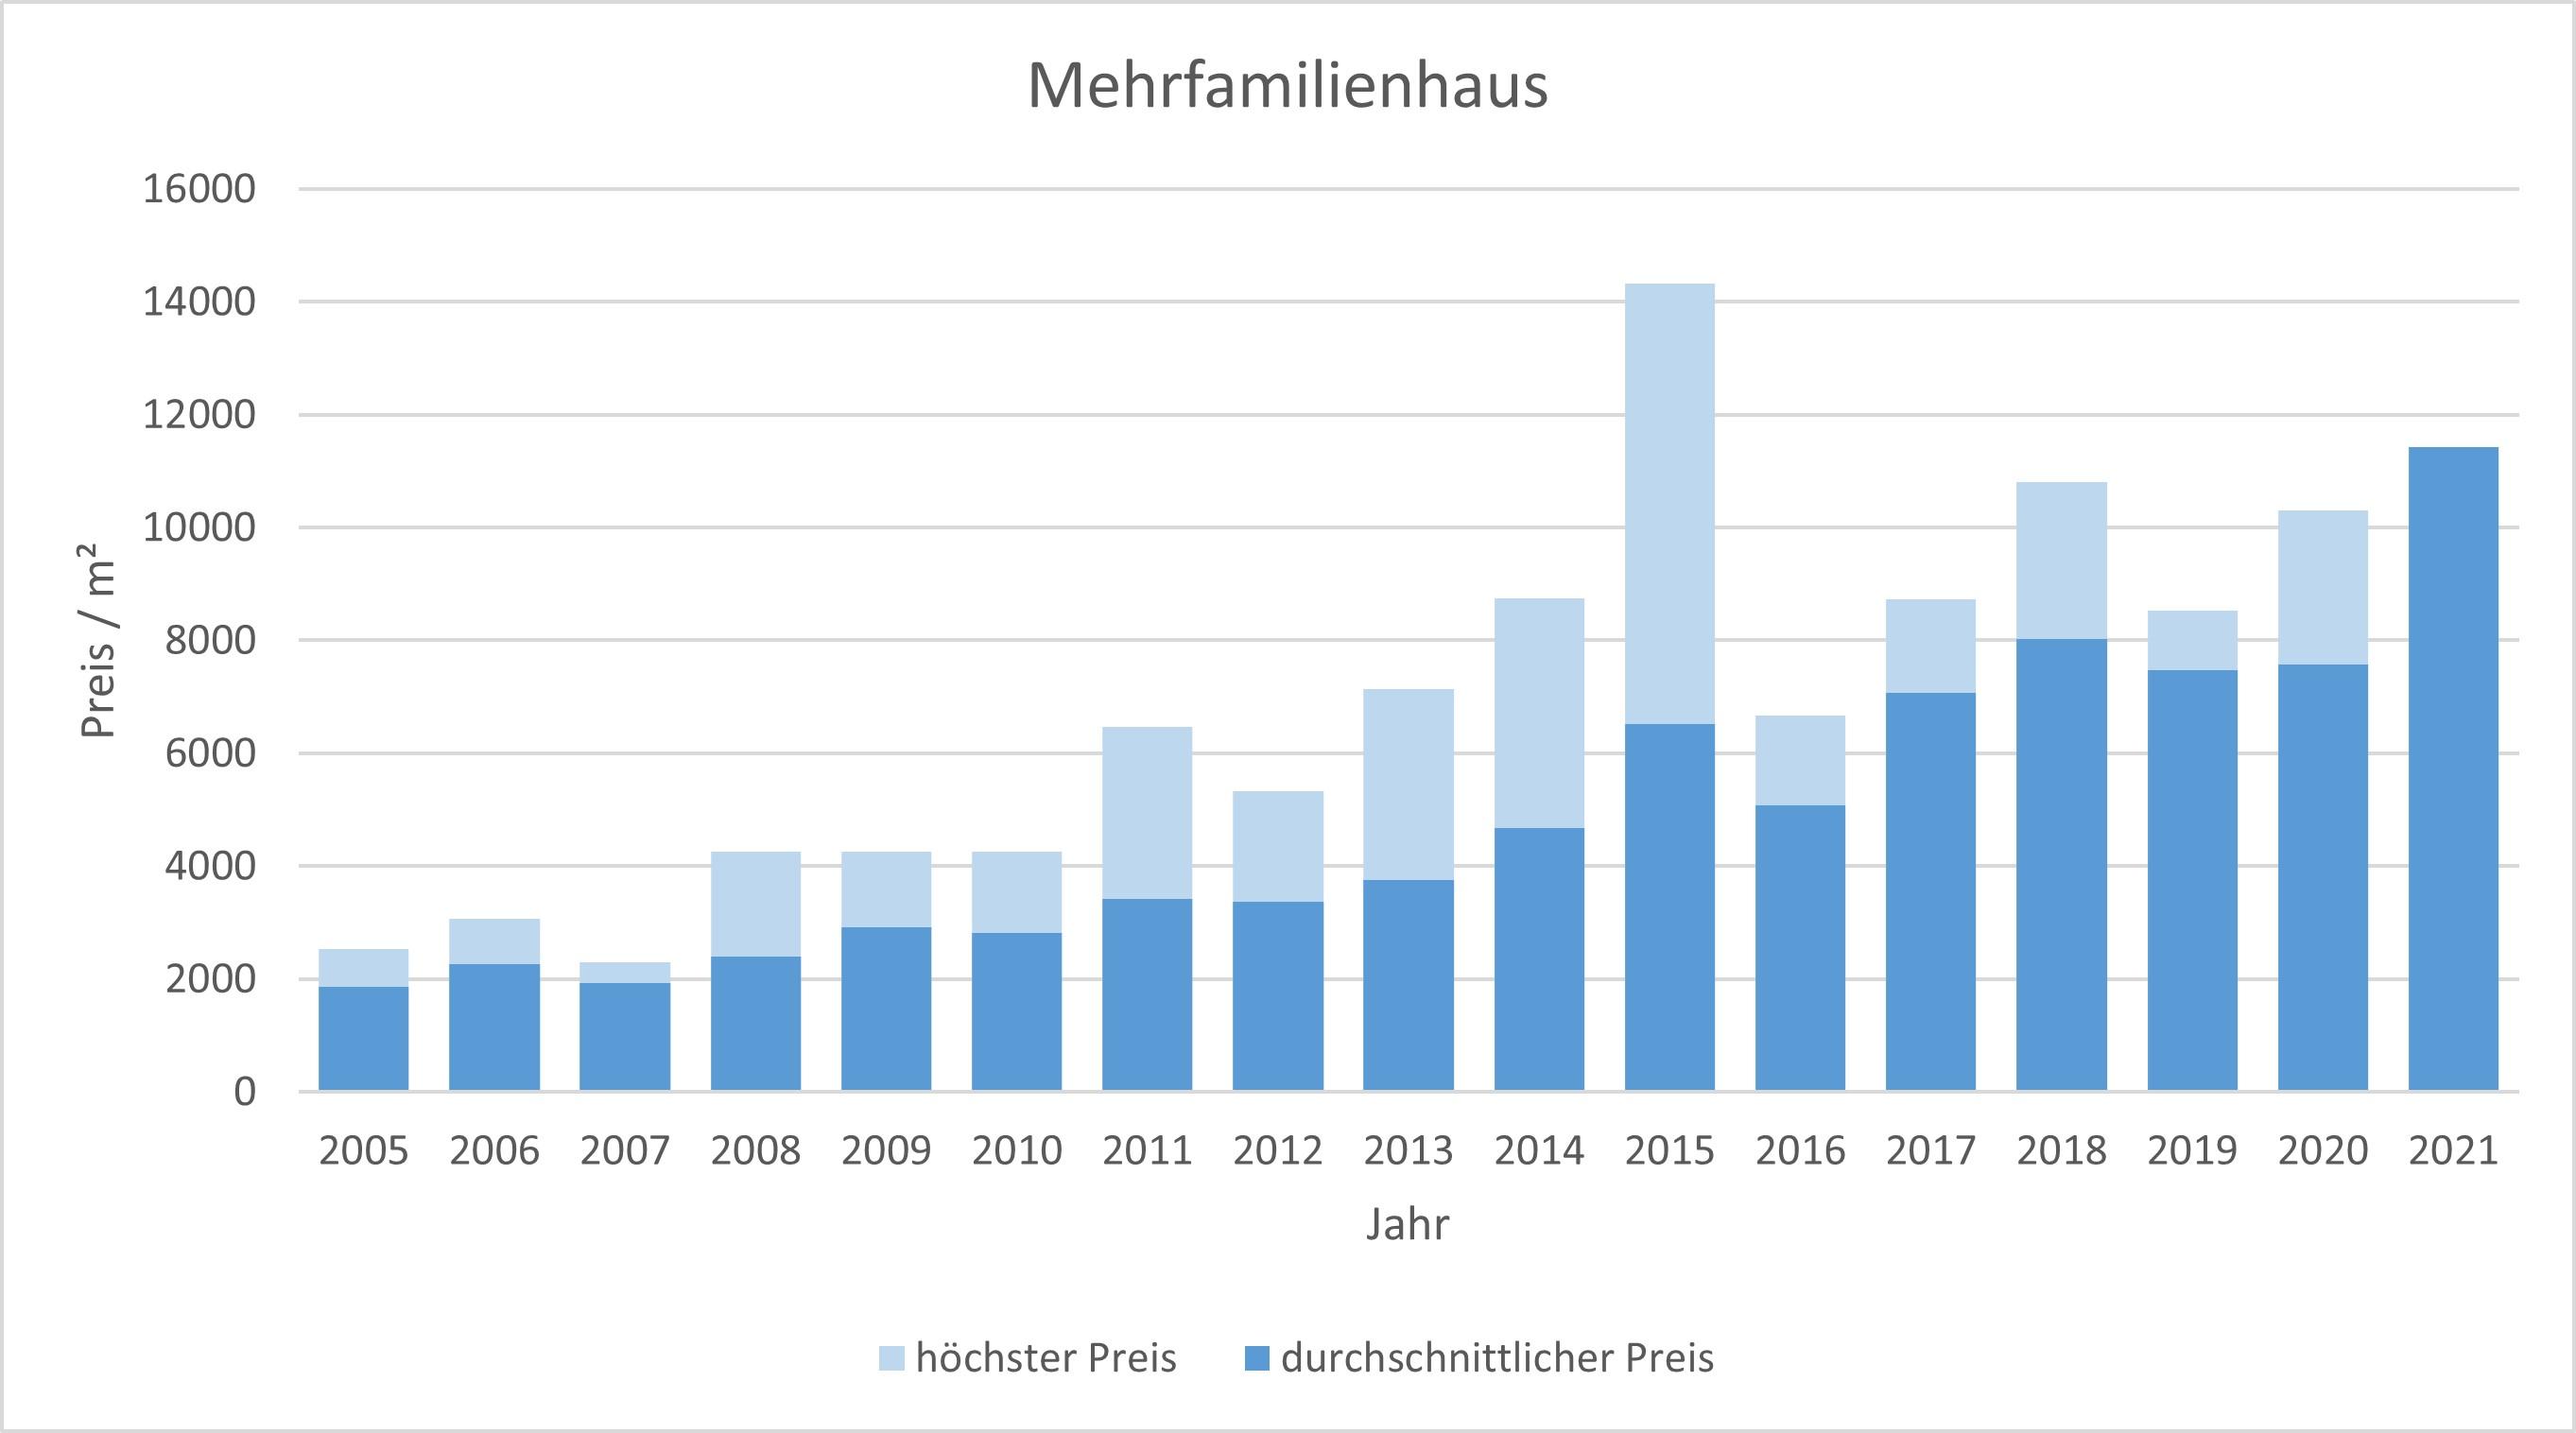 München - Feldmoching Mehrfamilienhaus kaufen verkaufen Preis Bewertung Makler 2019 2020 2021 www.happy-immo.de